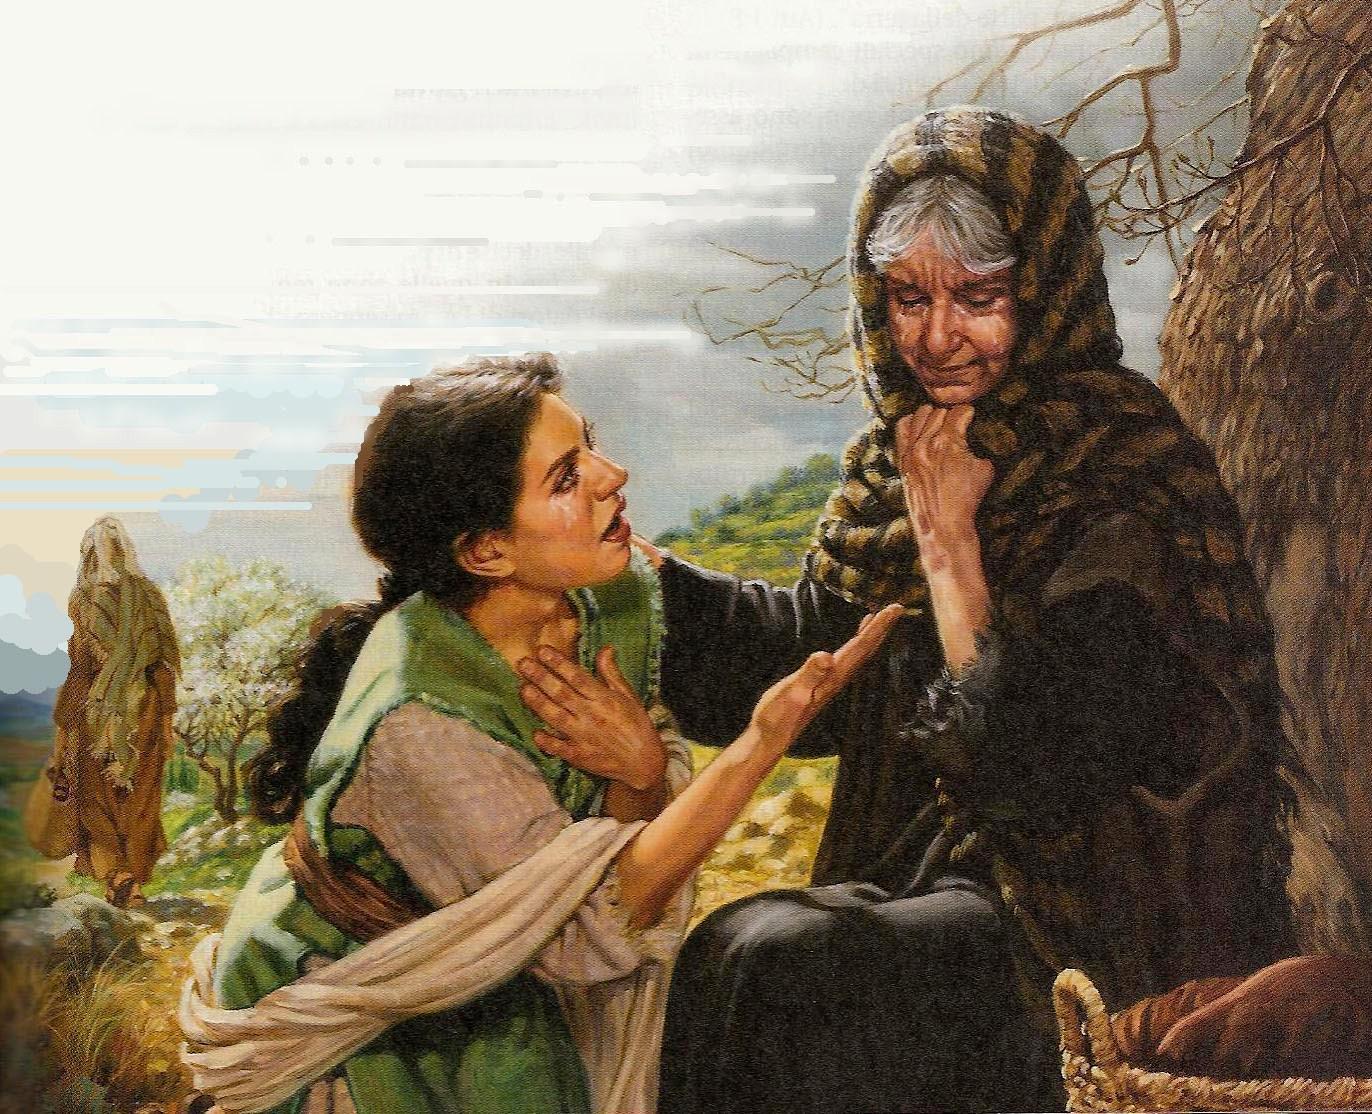 Resultado de imagen de imagenes de rut biblia catolica